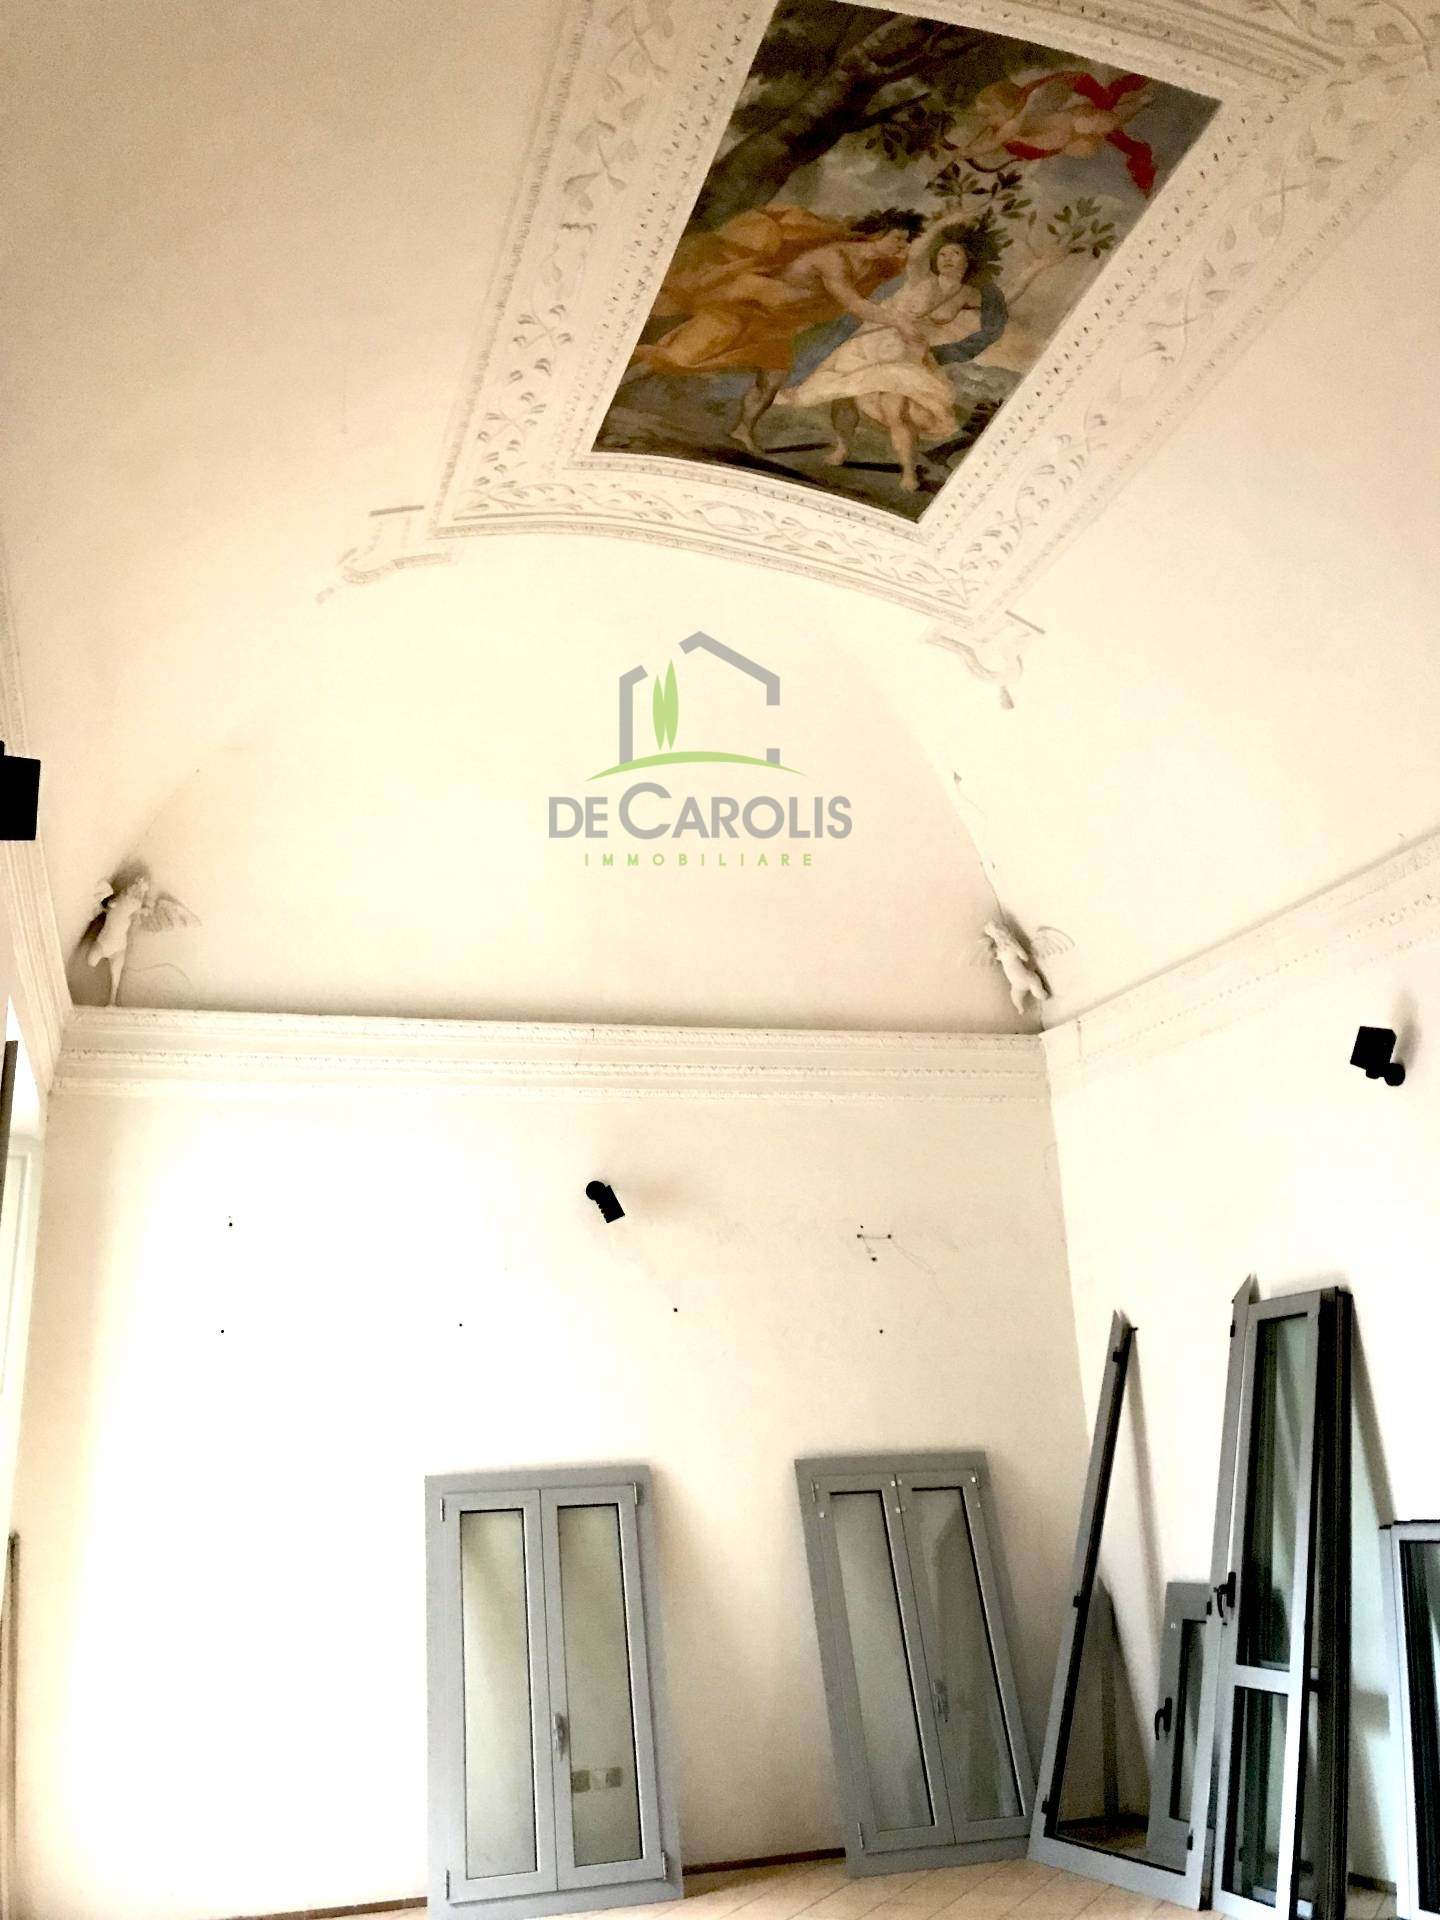 Ufficio / Studio in affitto a Ascoli Piceno, 9999 locali, zona Località: CentroStorico, prezzo € 1.200 | CambioCasa.it